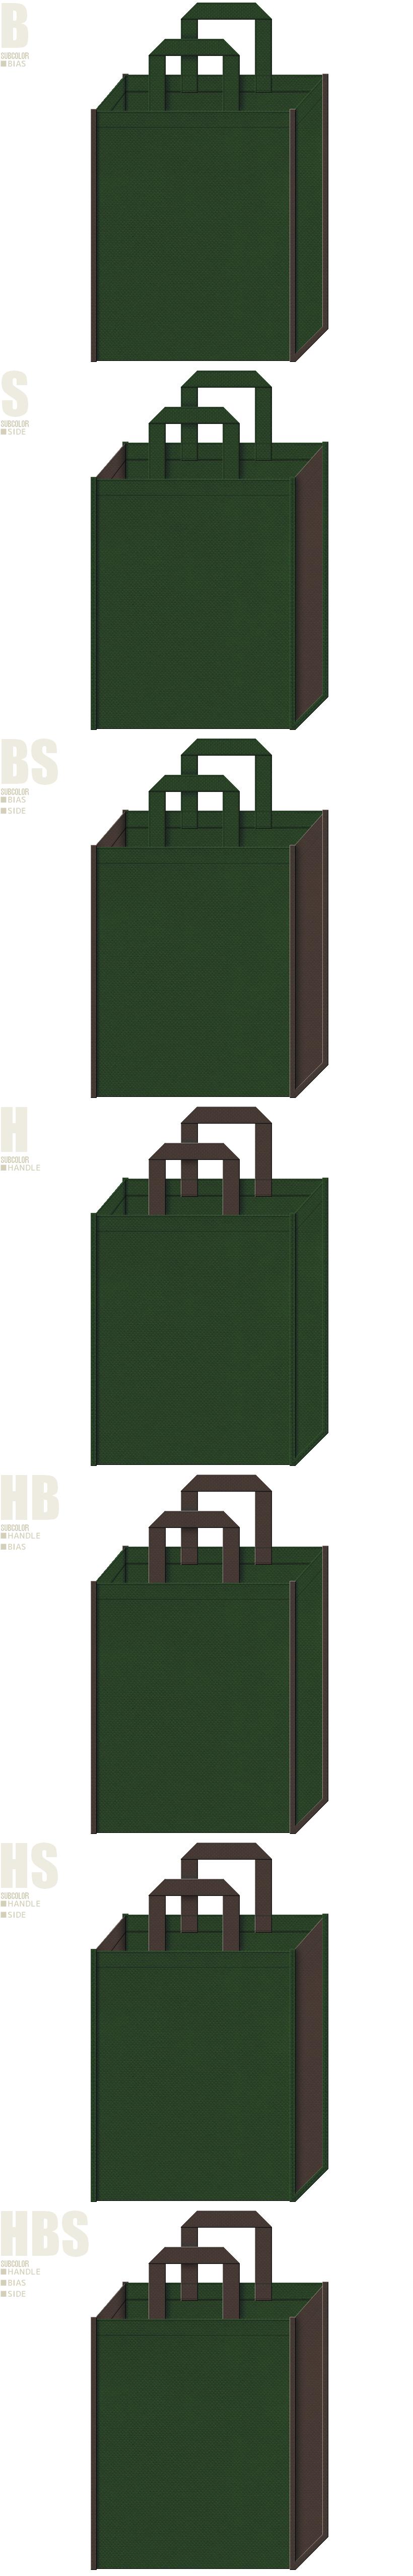 森・ジャングル・恐竜・メンズ・アウトドア・キャンプ用品の展示会用バッグにお奨めの不織布バッグデザイン:濃緑色とこげ茶色、7パターンの不織布トートバッグ配色デザイン例。